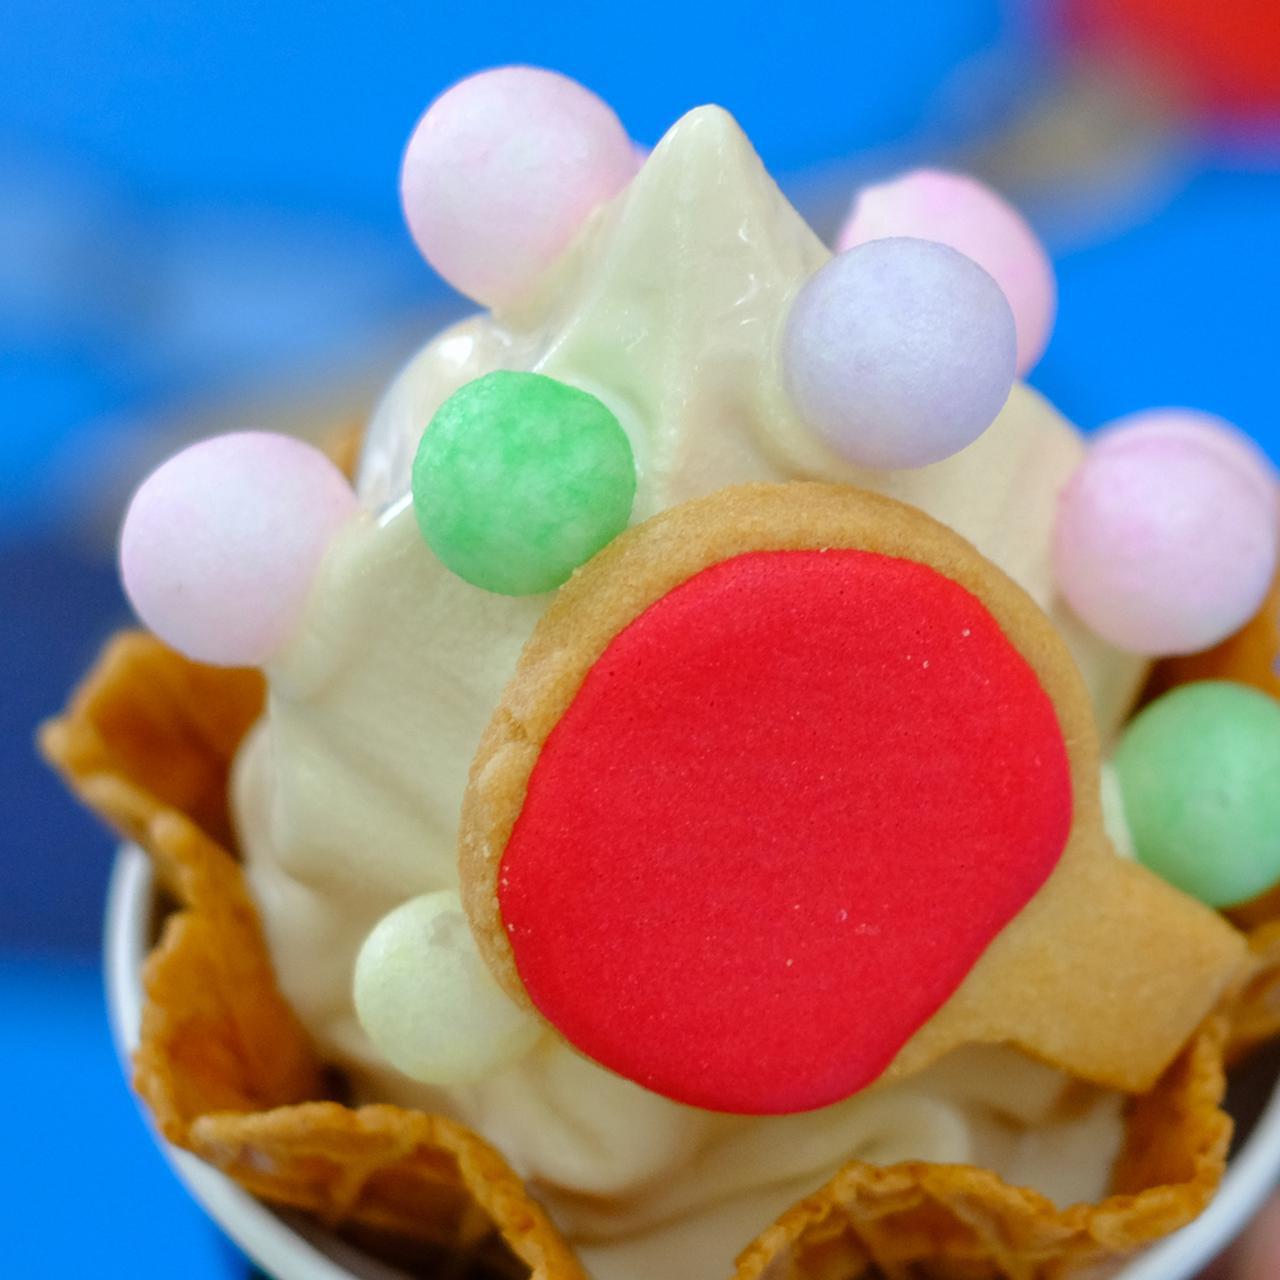 画像: 和三盆ソフトは、和三盆本来の穀物のじんわりとした甘さがあり、上品で優しい味。おだやかな甘さなので牛乳やクリームを邪魔せず、全体の風味に厚みを感じさせます。